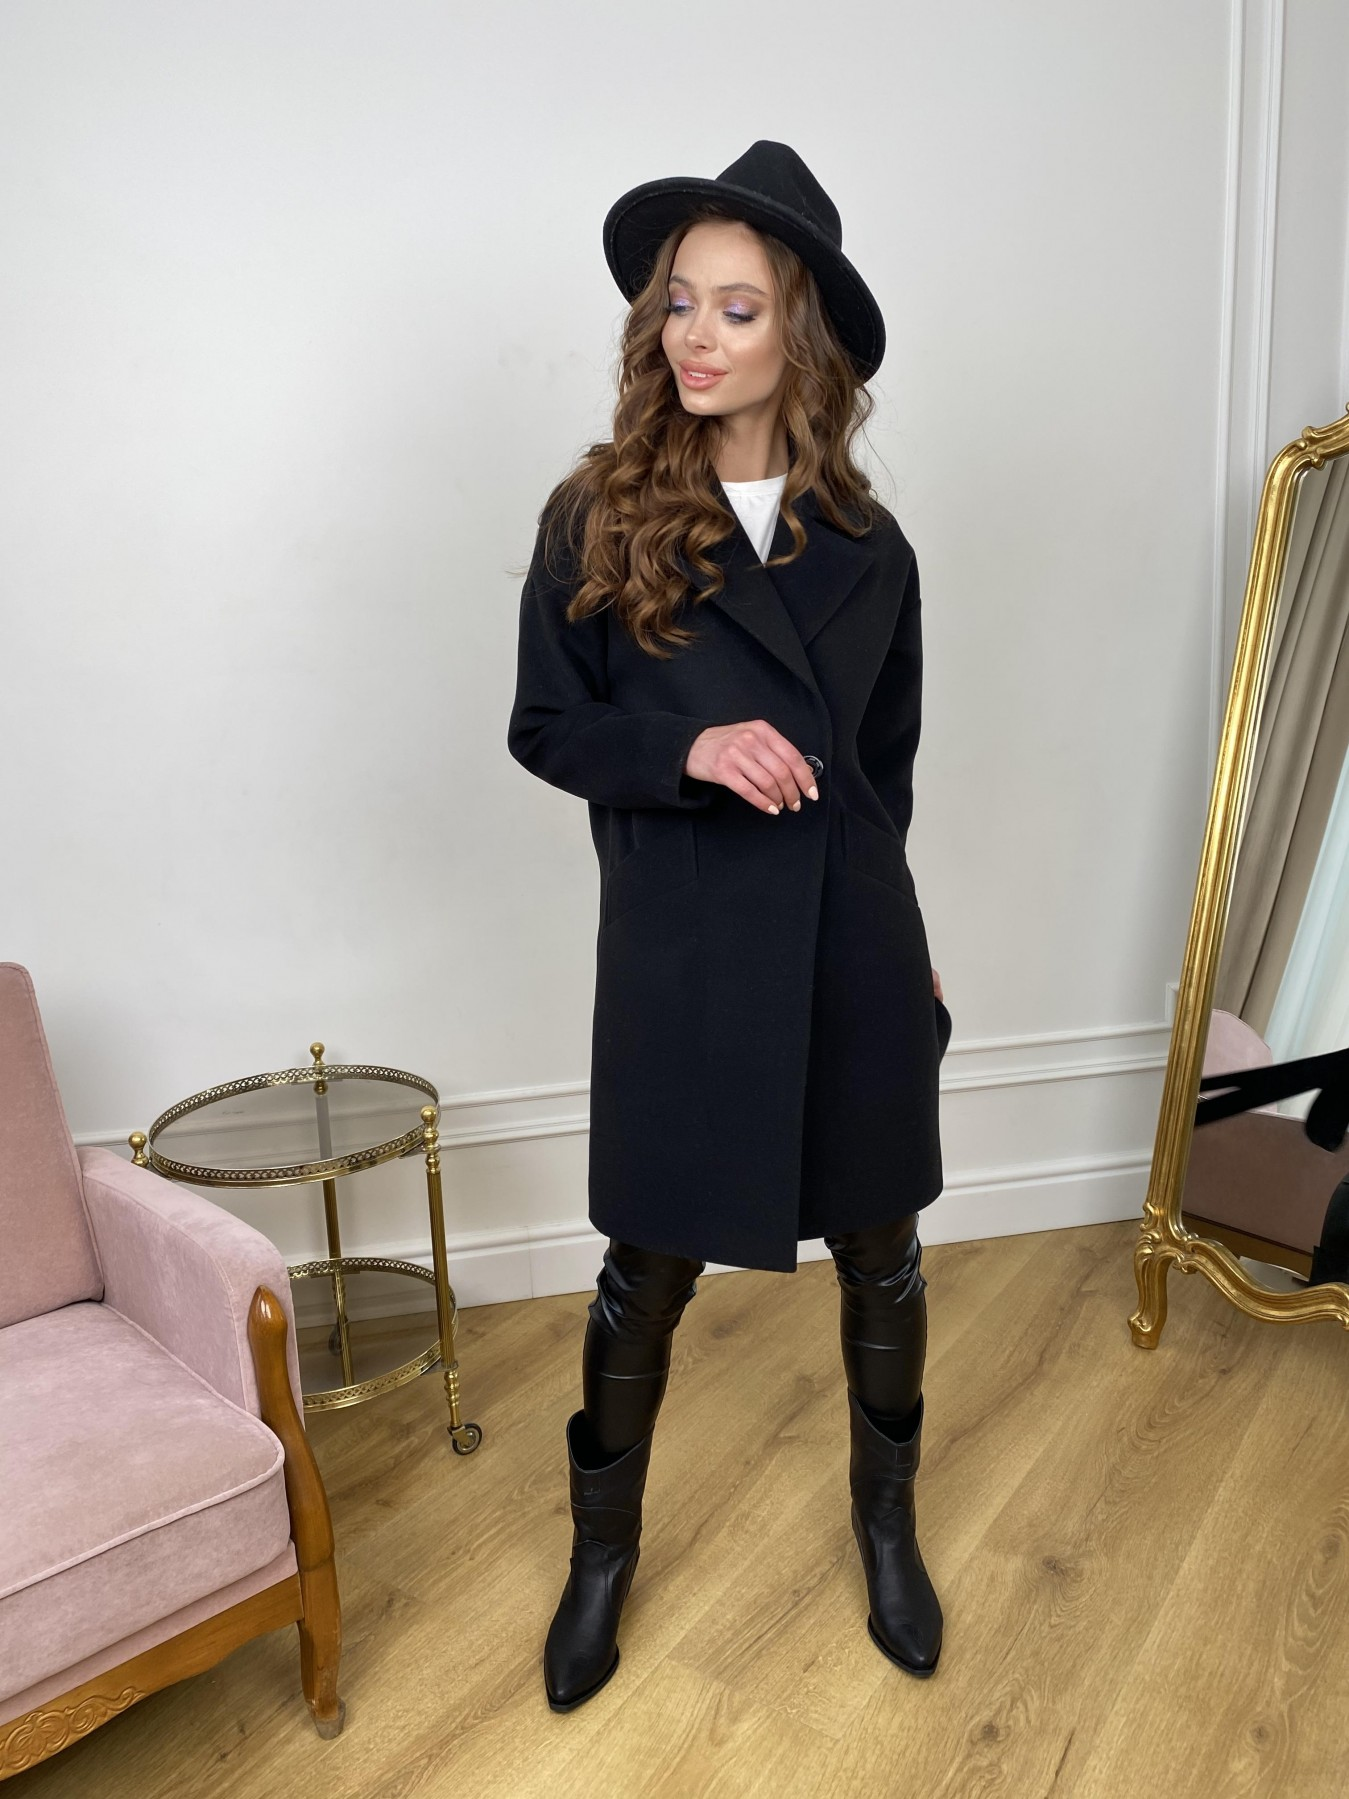 Сенсей пальто  из гладкого кашемира 10905 АРТ. 47370 Цвет: Черный - фото 2, интернет магазин tm-modus.ru